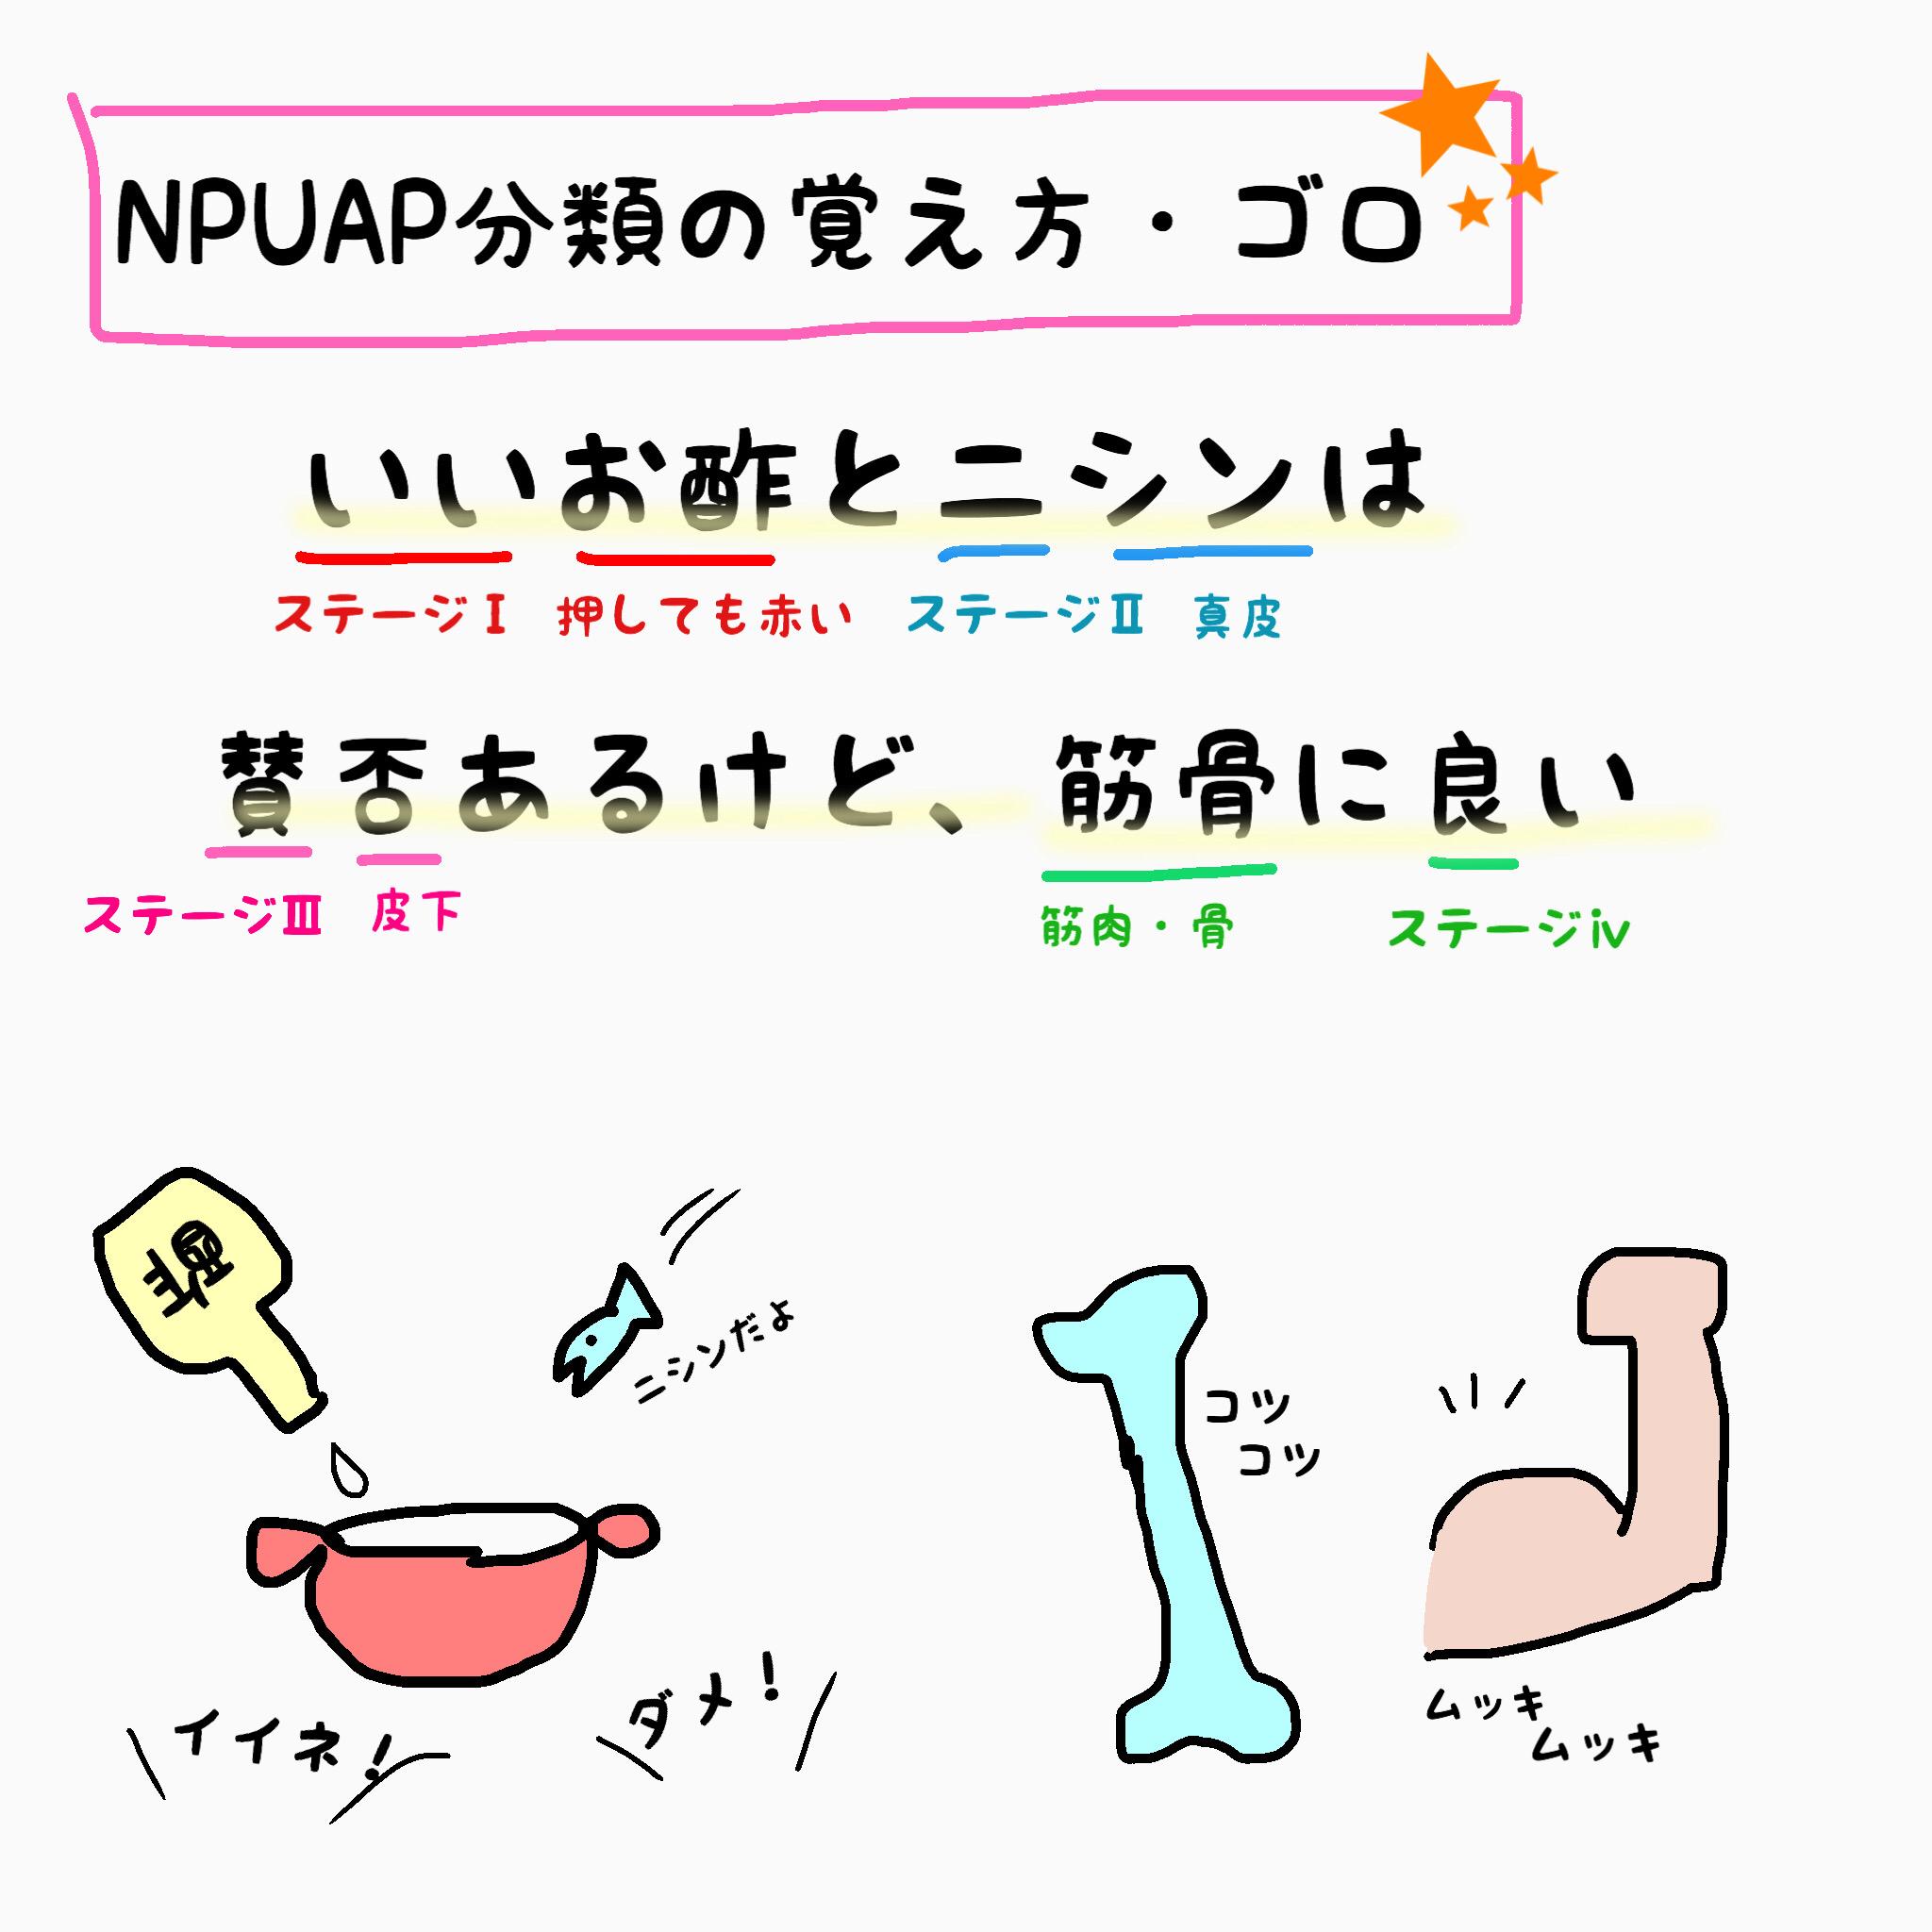 褥瘡NPUAP分類のゴロ暗記